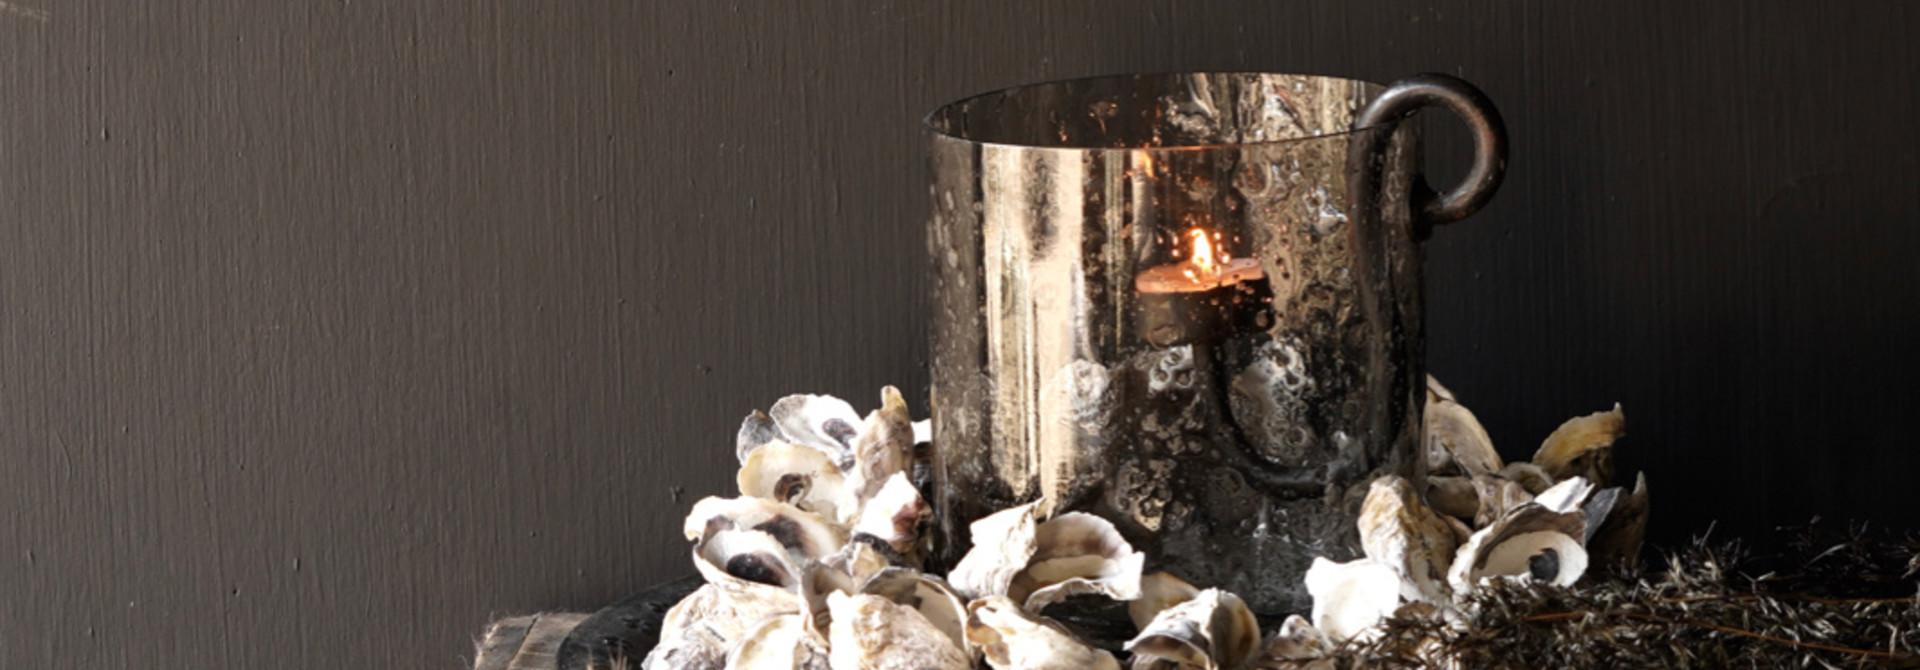 Oyster shells wreath